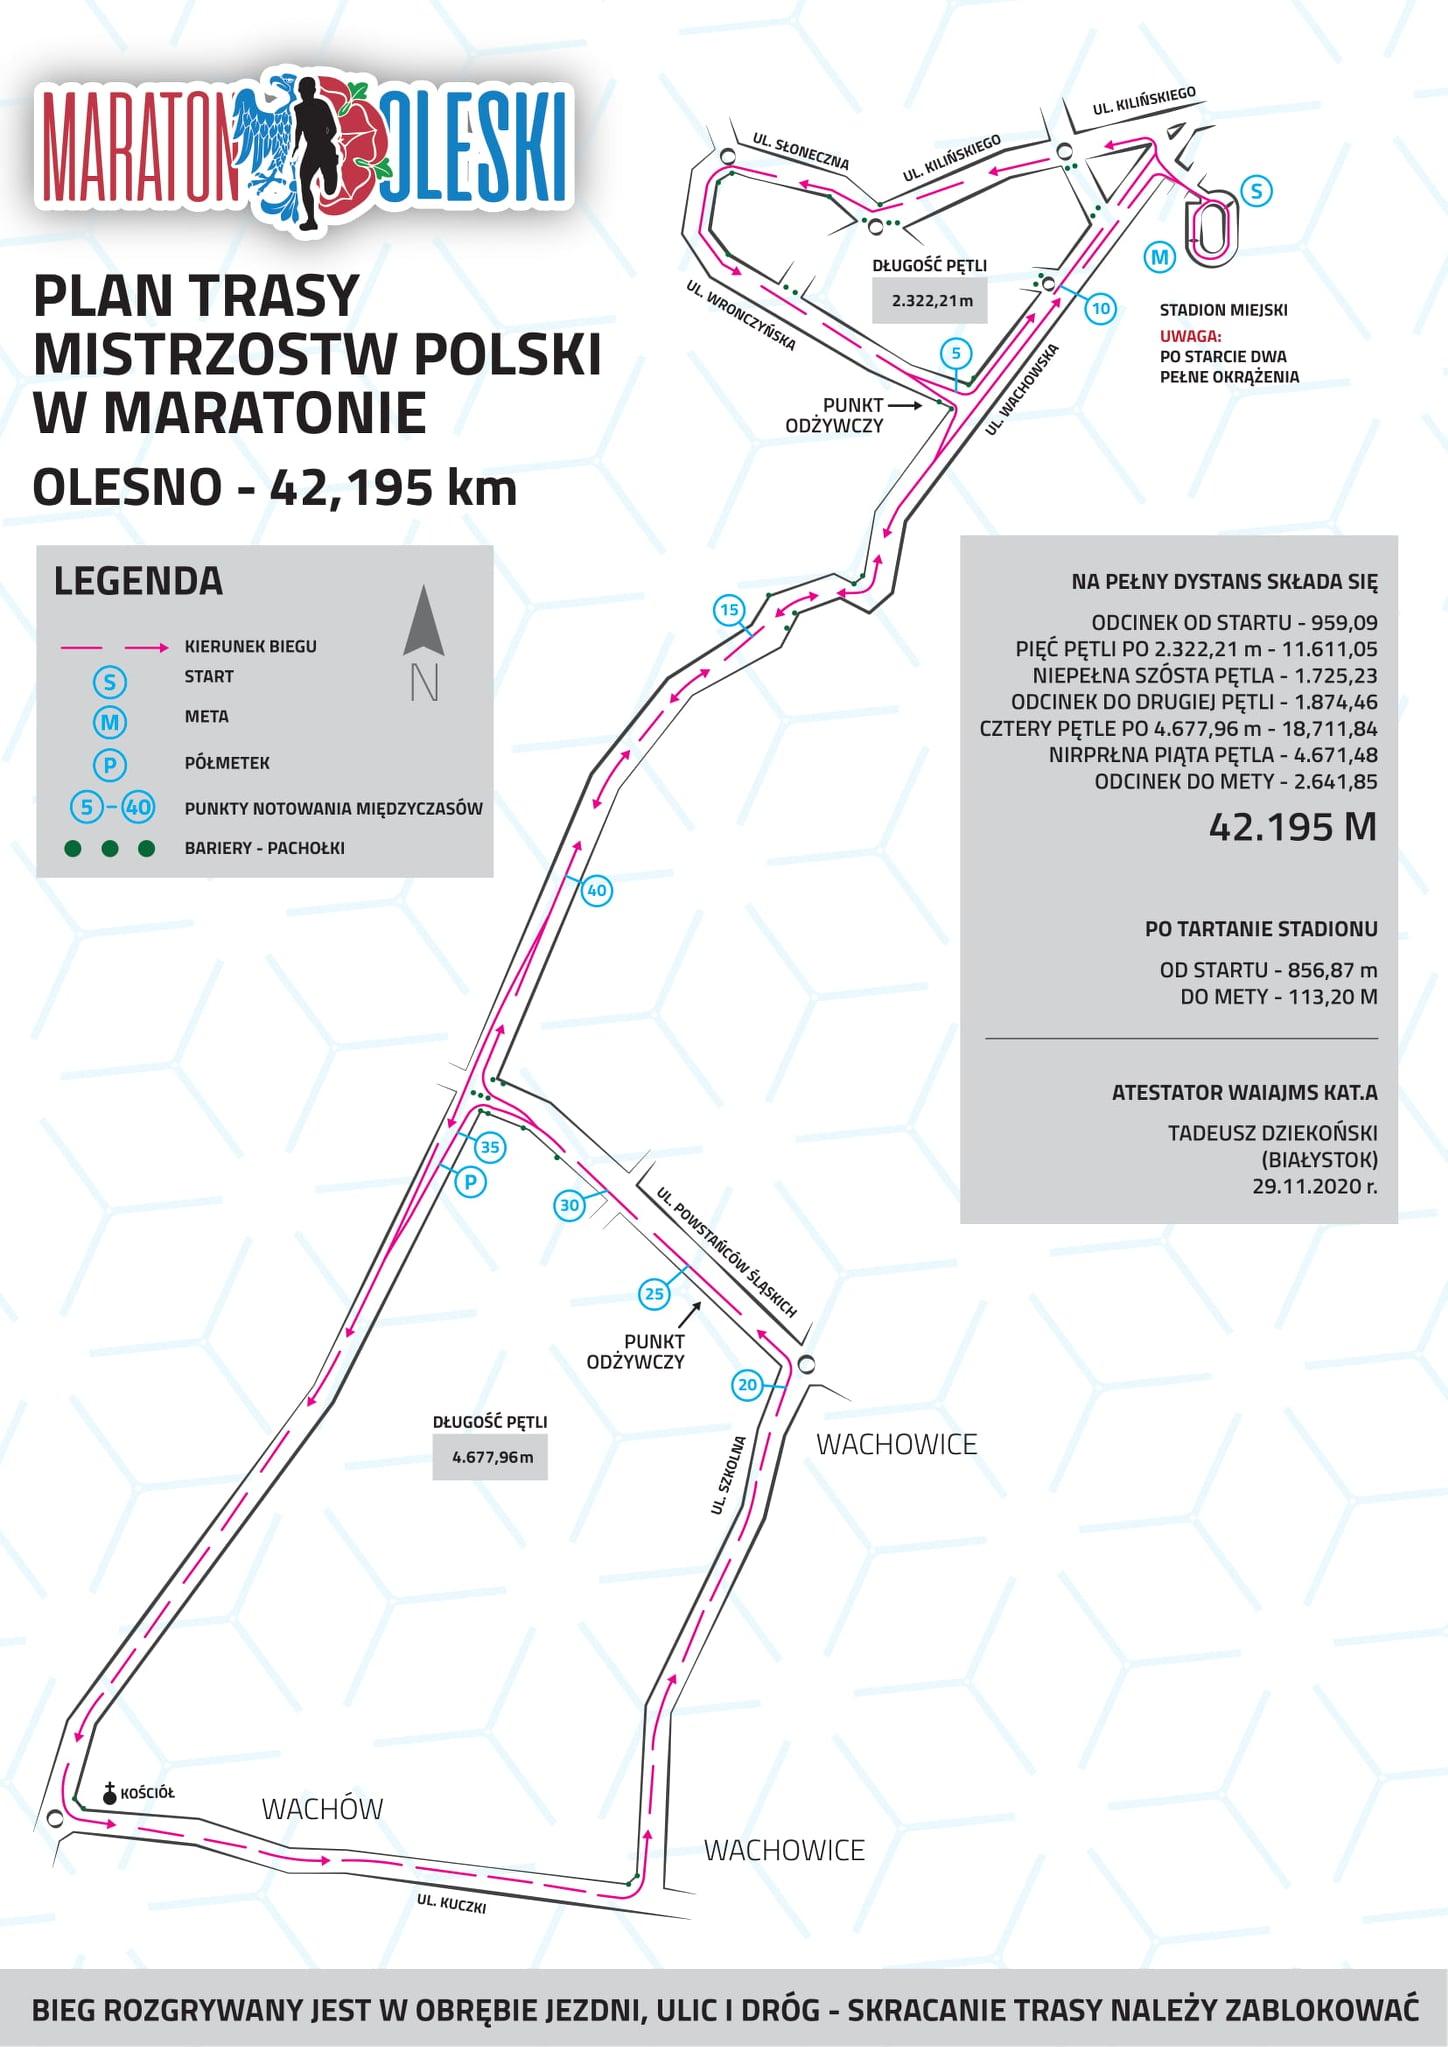 Oto trasa Mistrzostw Polski w maratonie w Oleśnie